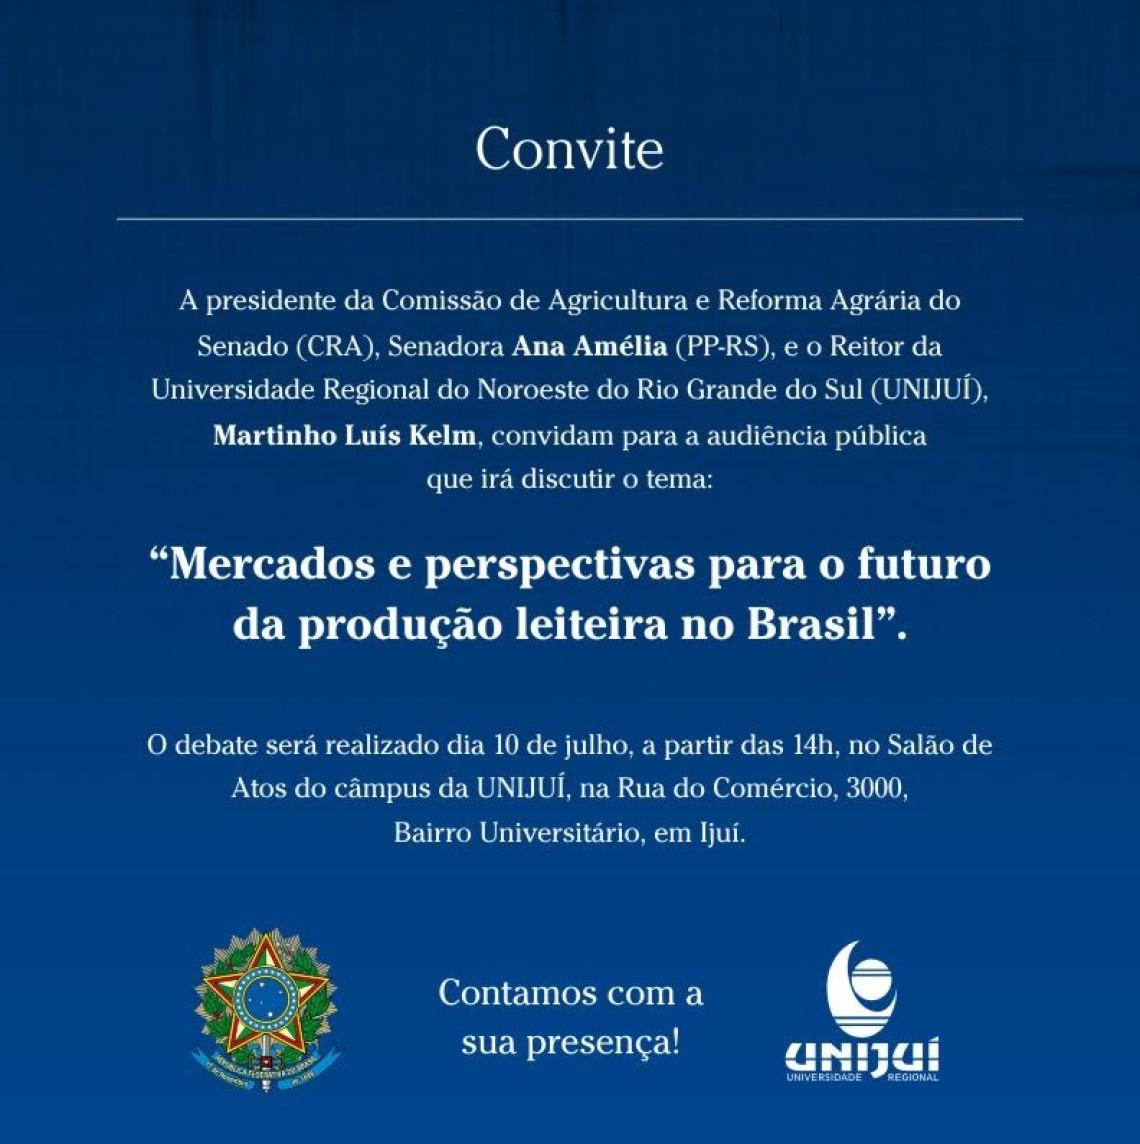 Convite para a audiência da Comissão de Agricultura e Reforma Agrária do Senado (CRA), no dia 10 de julho, em Ijuí